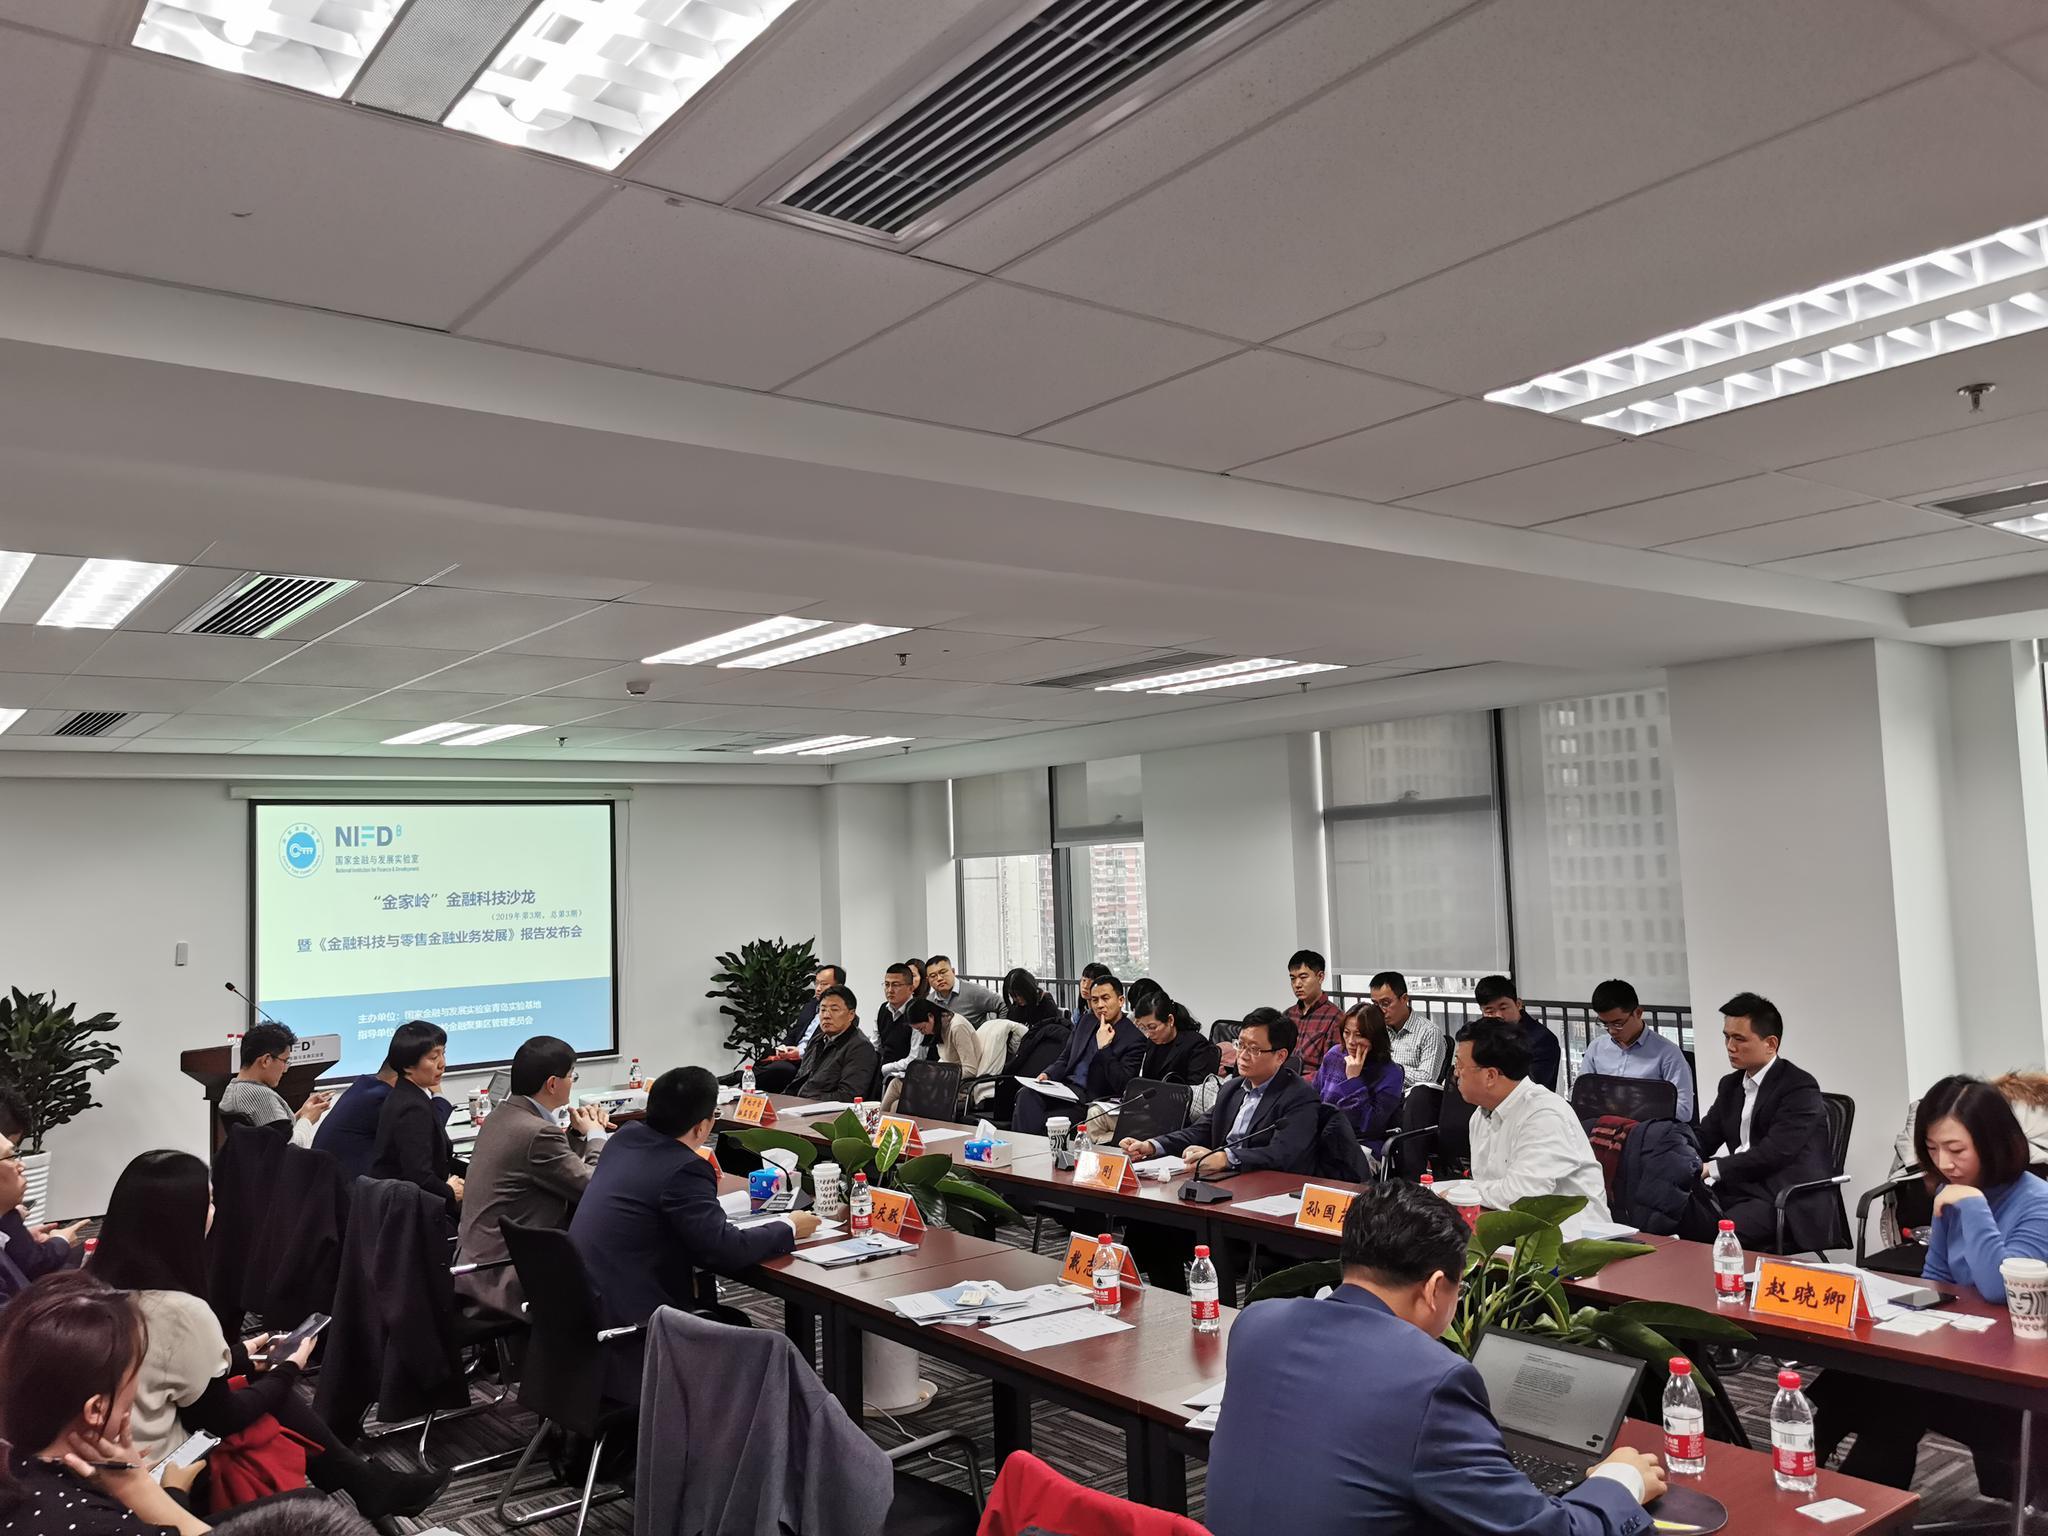 新华财经 金融科技推动金融业转型发展